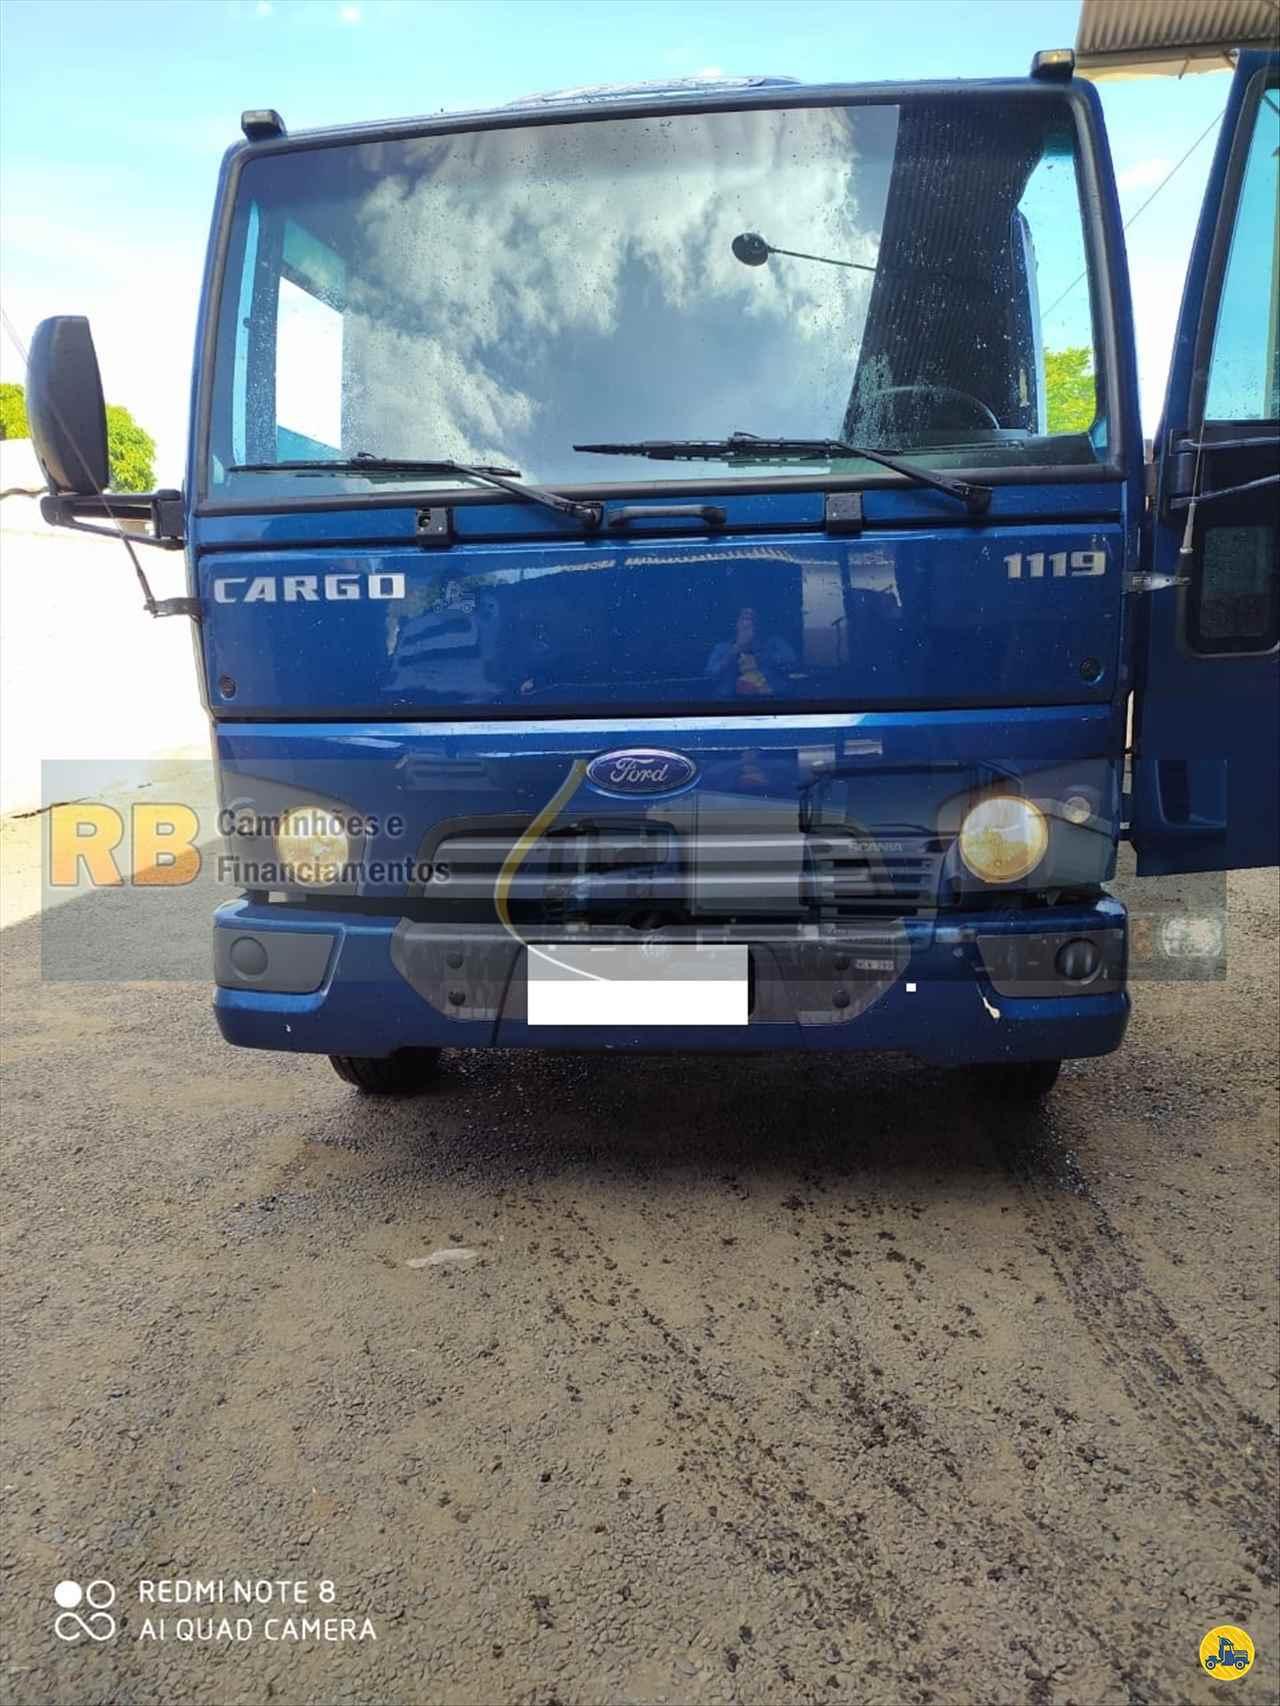 CAMINHAO FORD CARGO 1119 Carga Seca Toco 4x2 RB Caminhões & Financiamentos ARAGUARI MINAS GERAIS MG